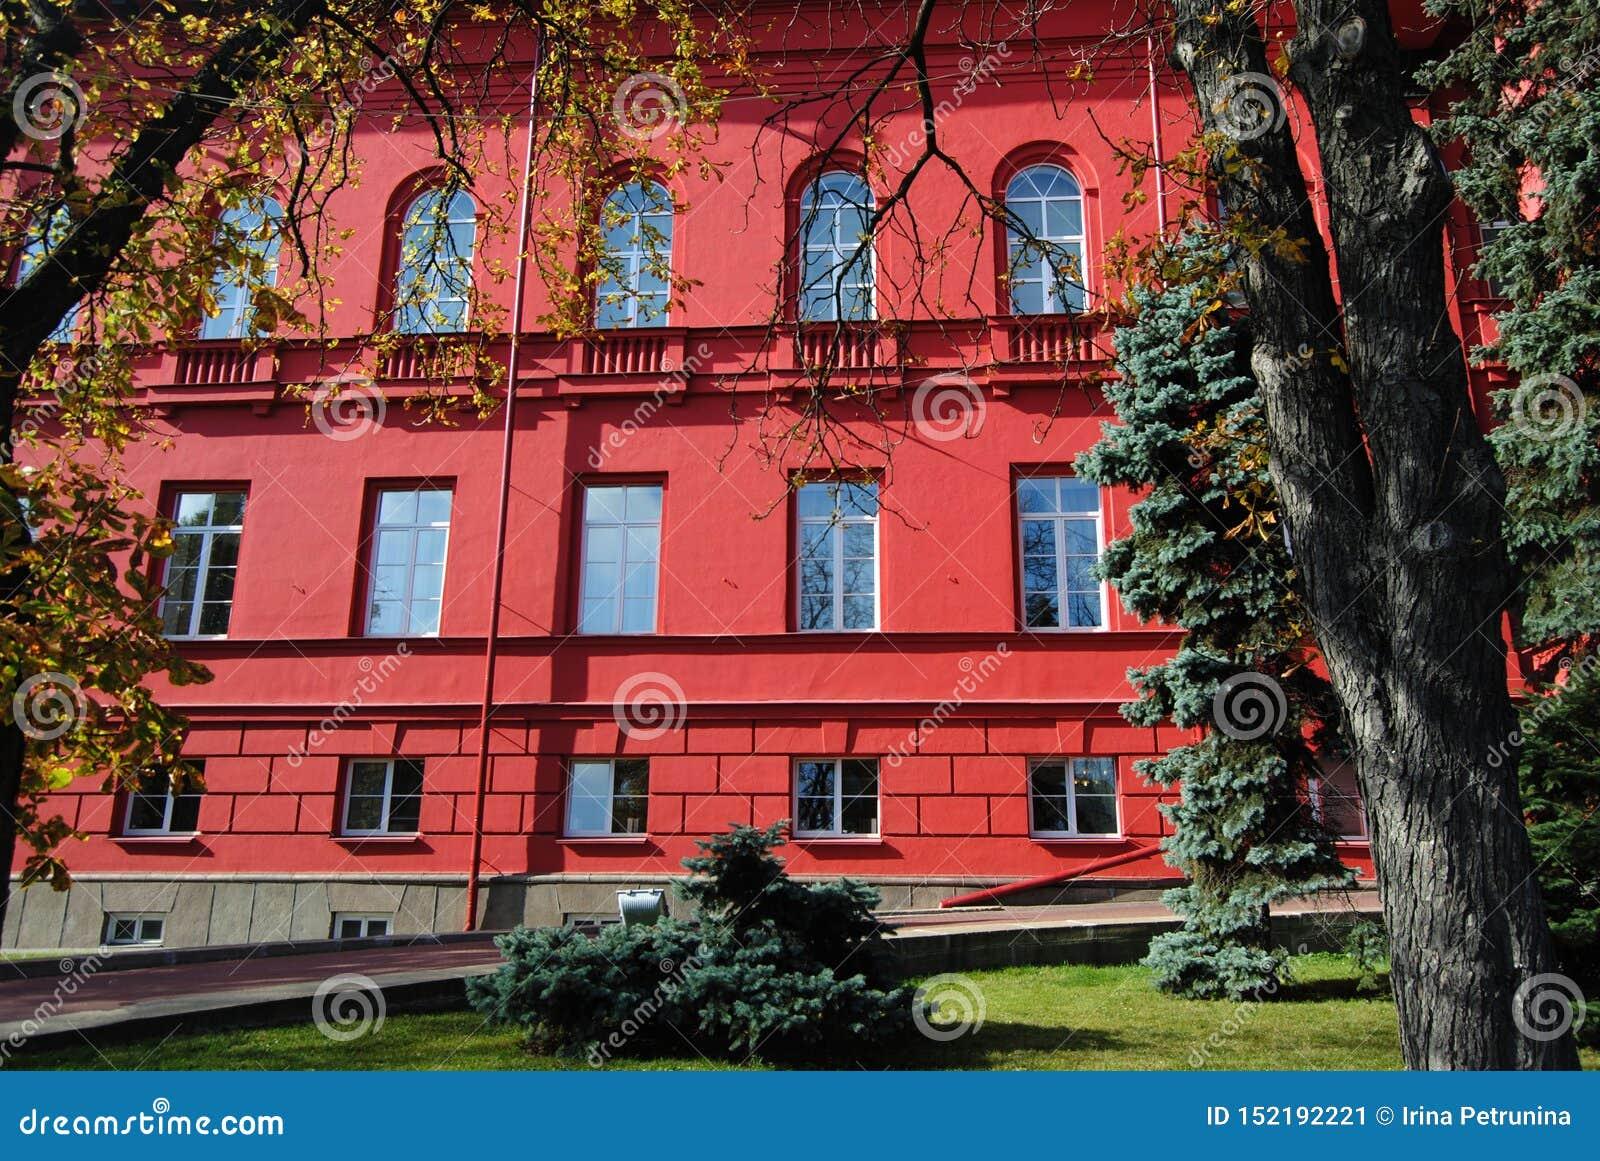 乌克兰- 9月15,2012:基辅塔拉斯・舍甫琴科国立大学